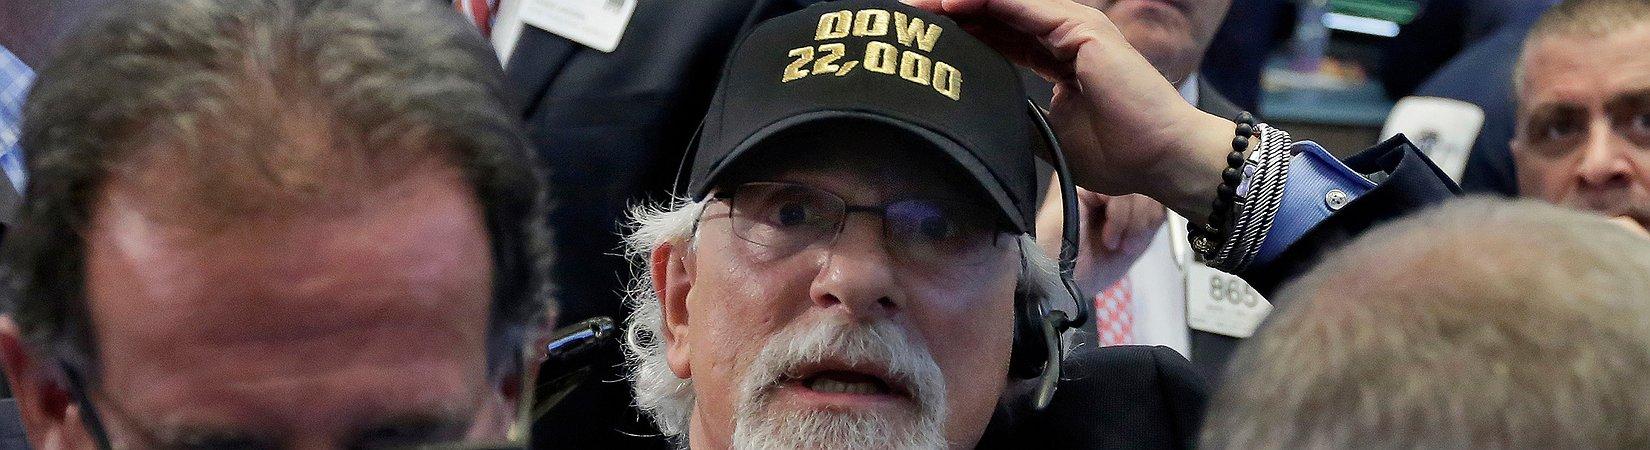 Индекс Dow Jones впервые в истории превысил 22 000 пунктов